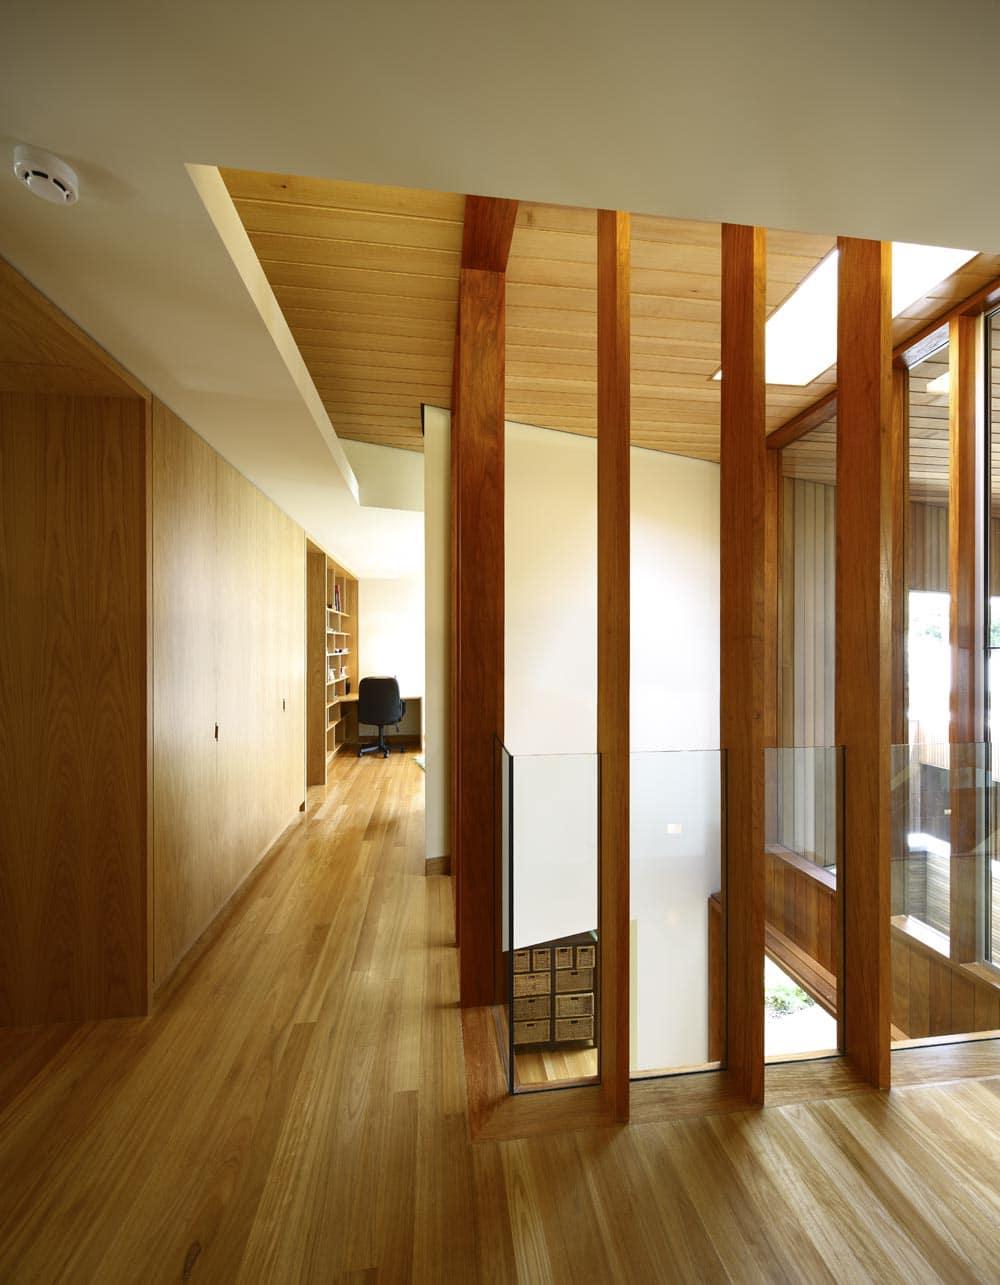 Dise o de casa moderna de dos plantas fachada e - Escondites secretos en casa ...